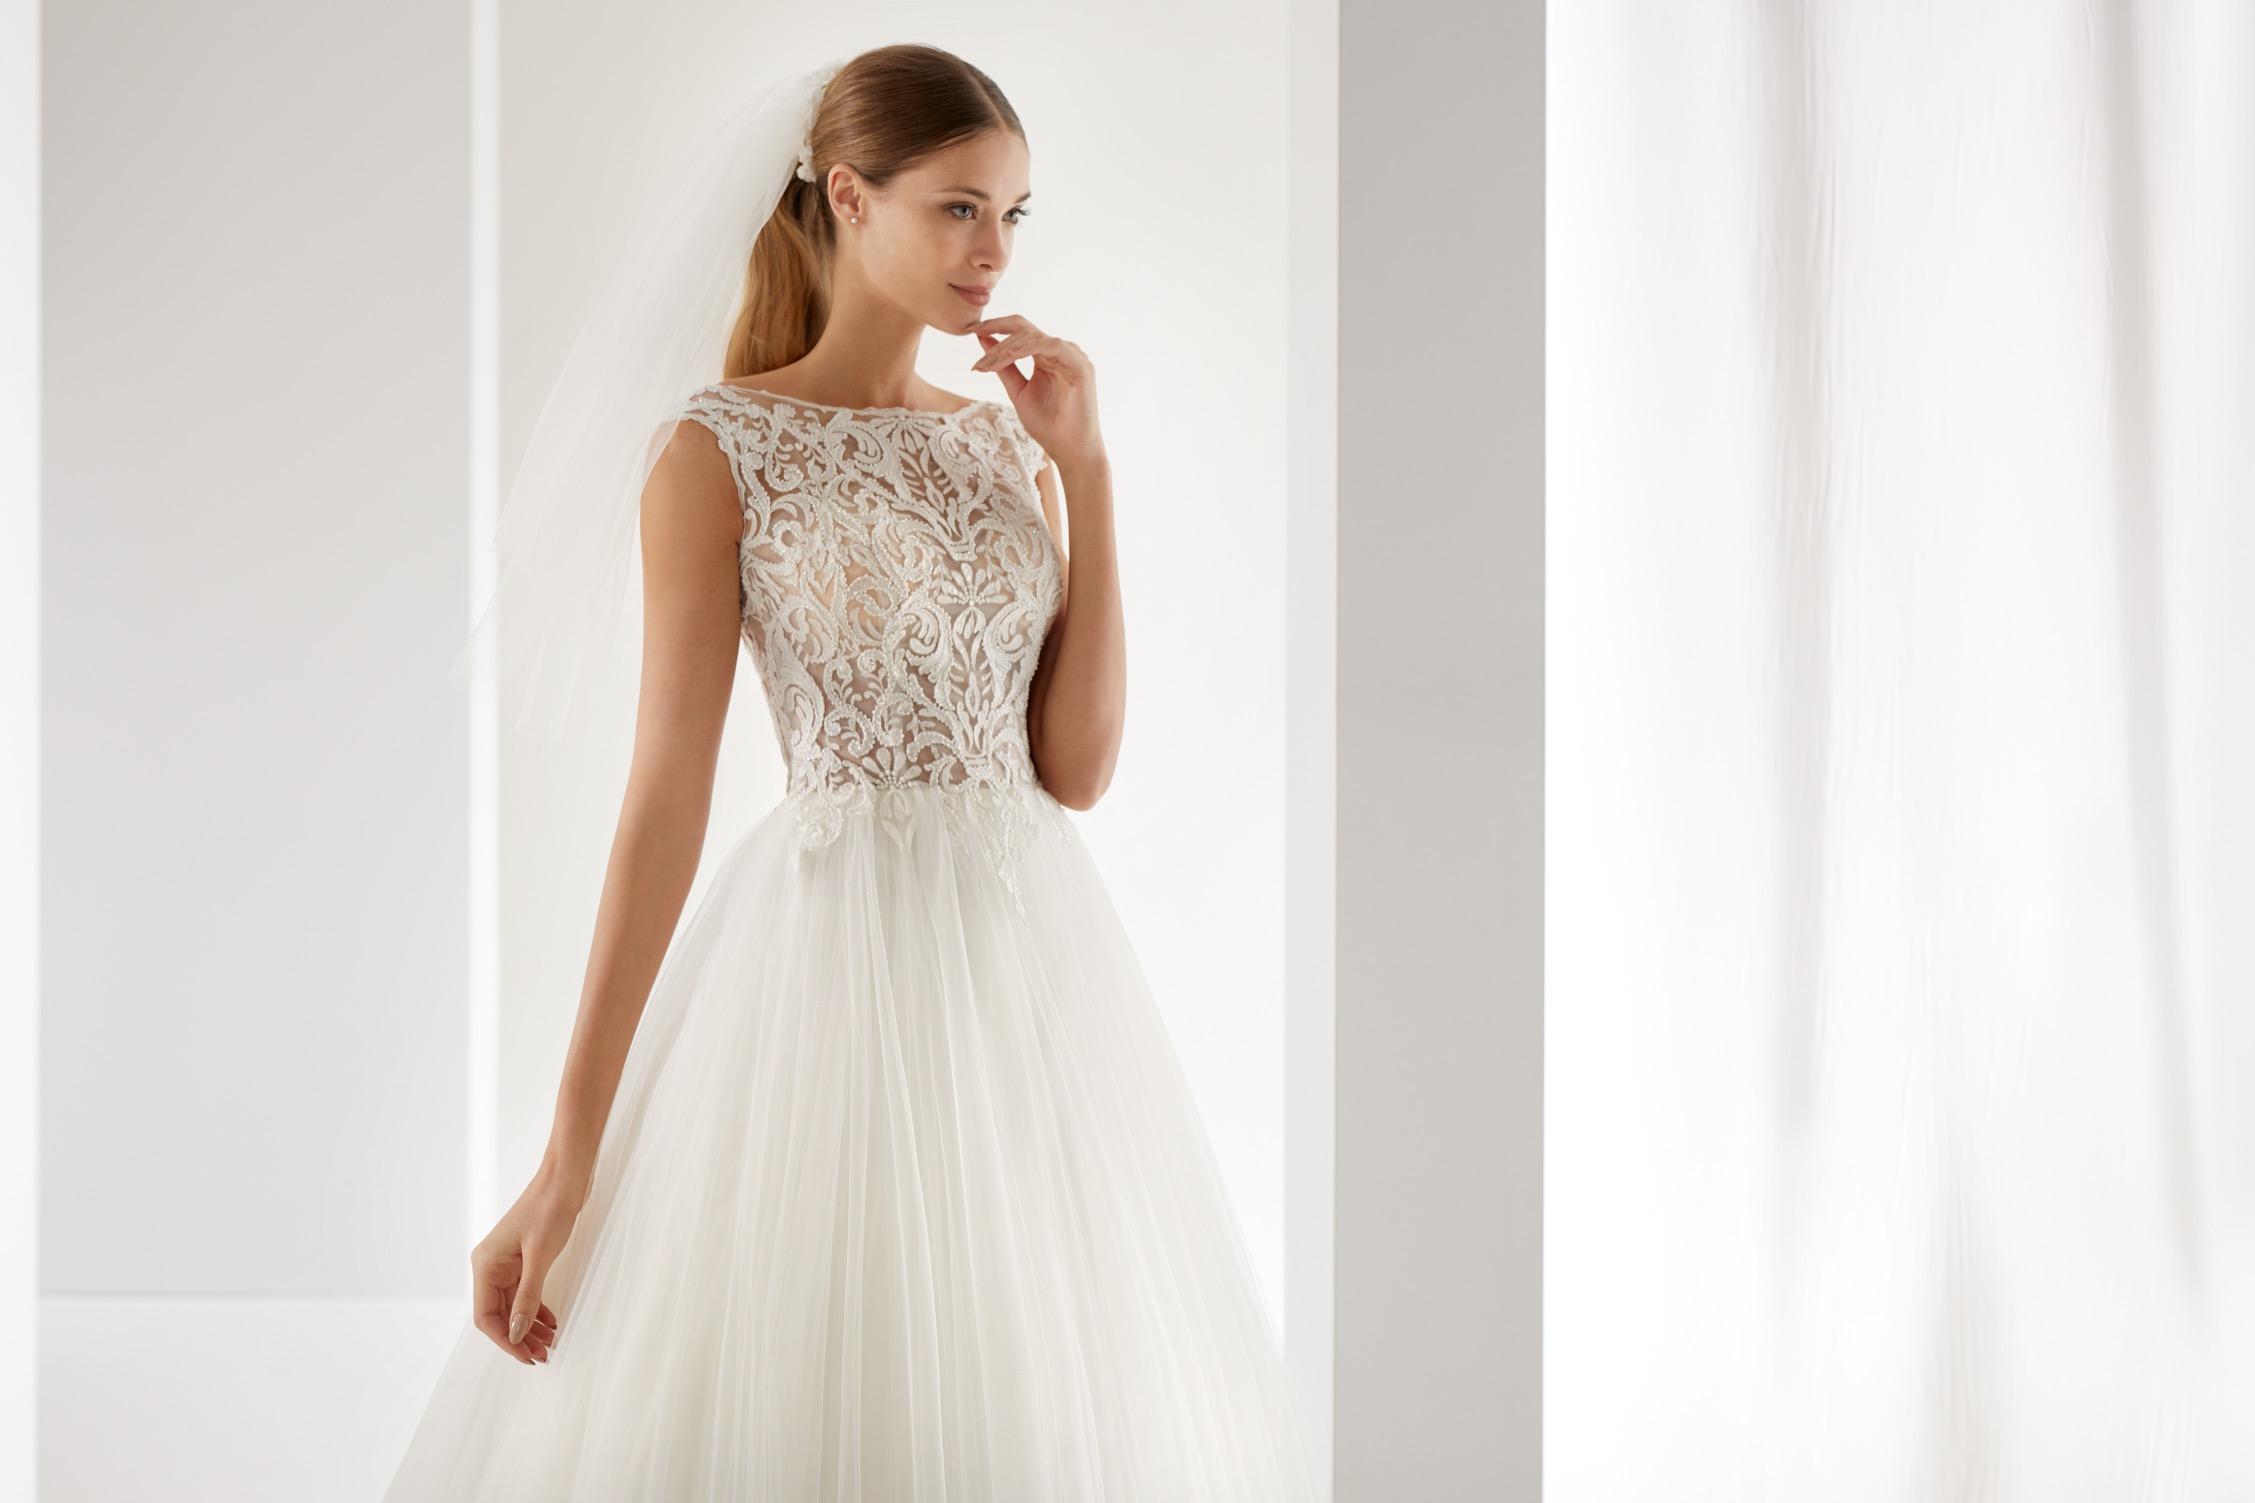 7738e7f5ca26 Guarda le immagini del catalogo Aurora Nicole. Se desideri indossare un  abito richiedi un appuntamento presso il nostro showroom a Cosenza.